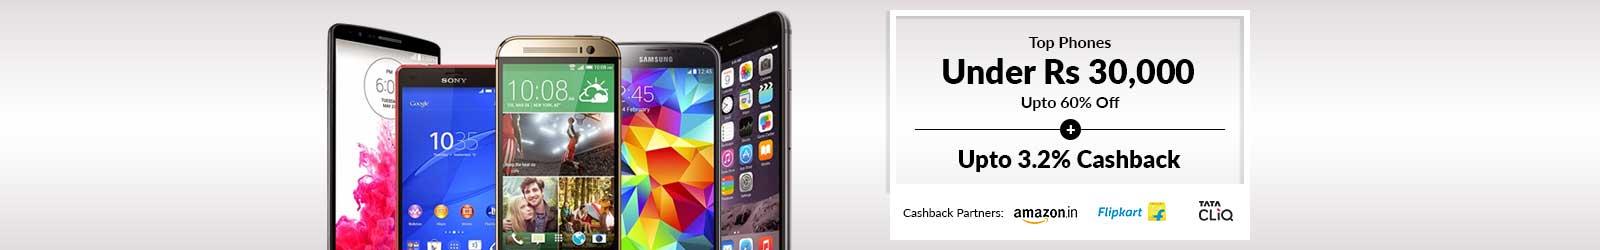 Mobiles Under Rs 30000 In India 10 Best Phones Below 30000 60 Off